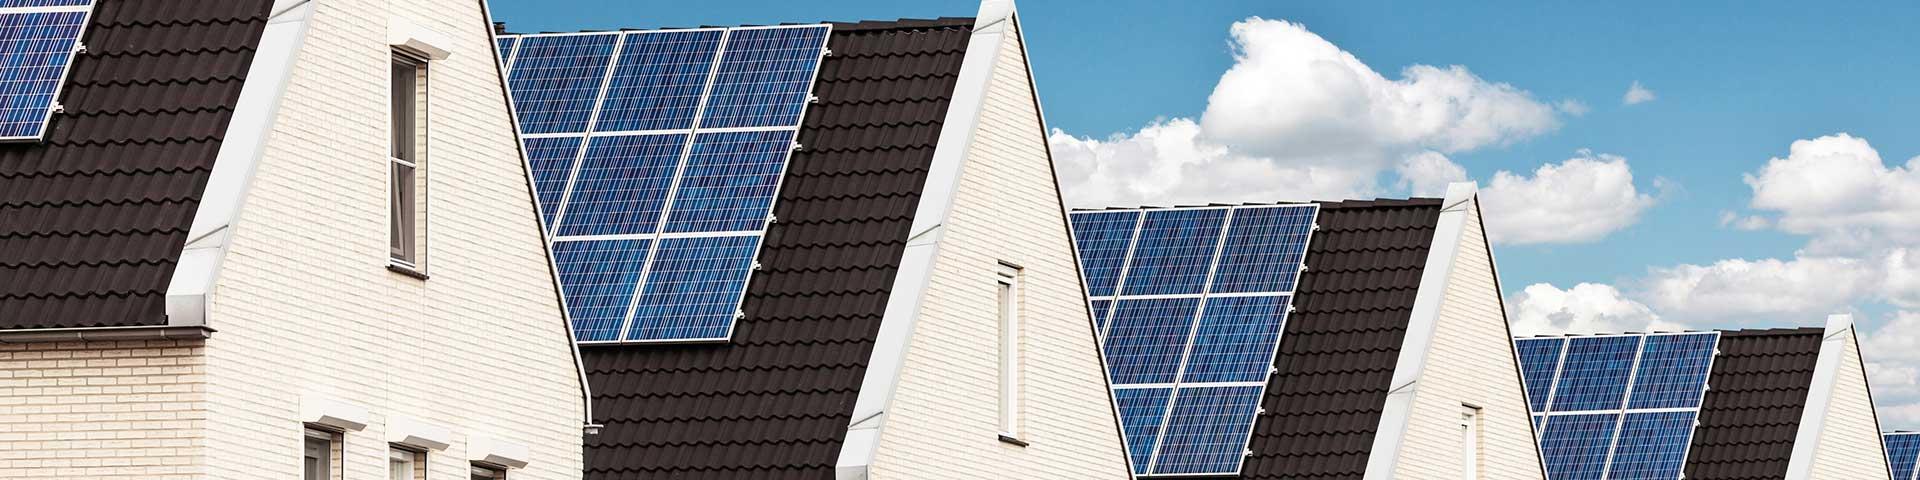 rząd nowych domów z panelami fotowoltaicznymi na dachu